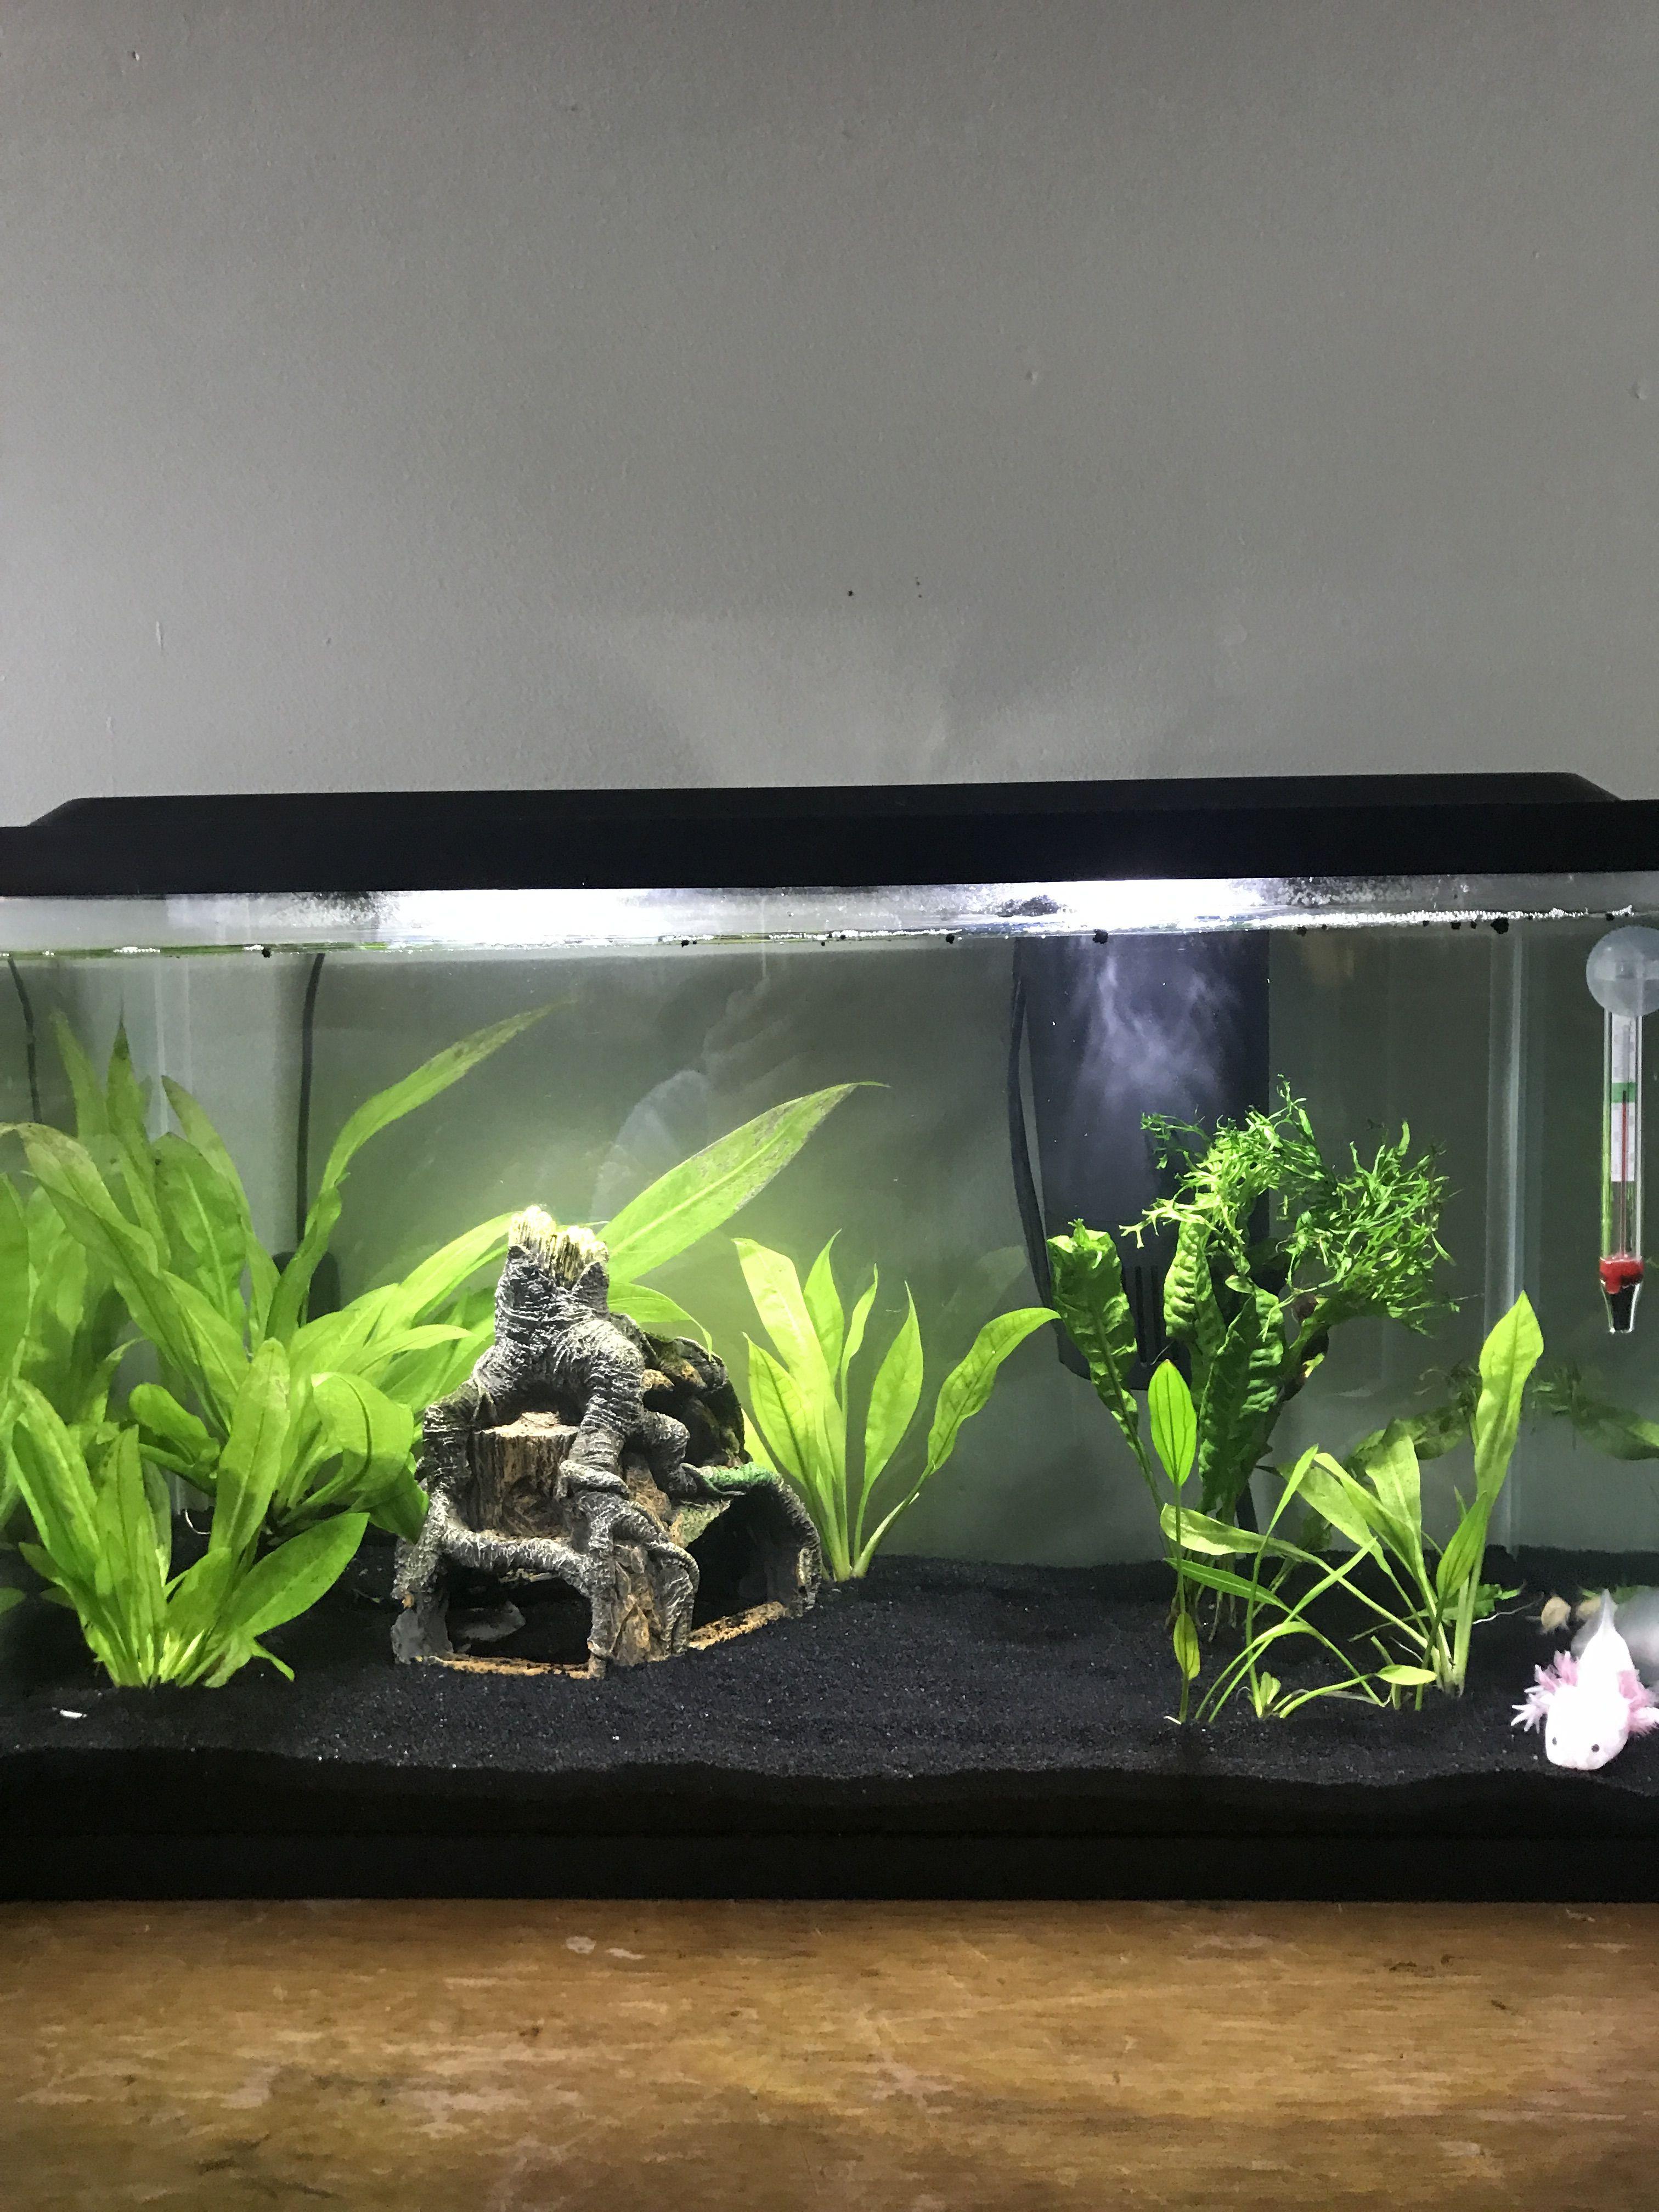 Axolotl Tank Fish Tank Themes Betta Fish Care Fresh Water Fish Tank